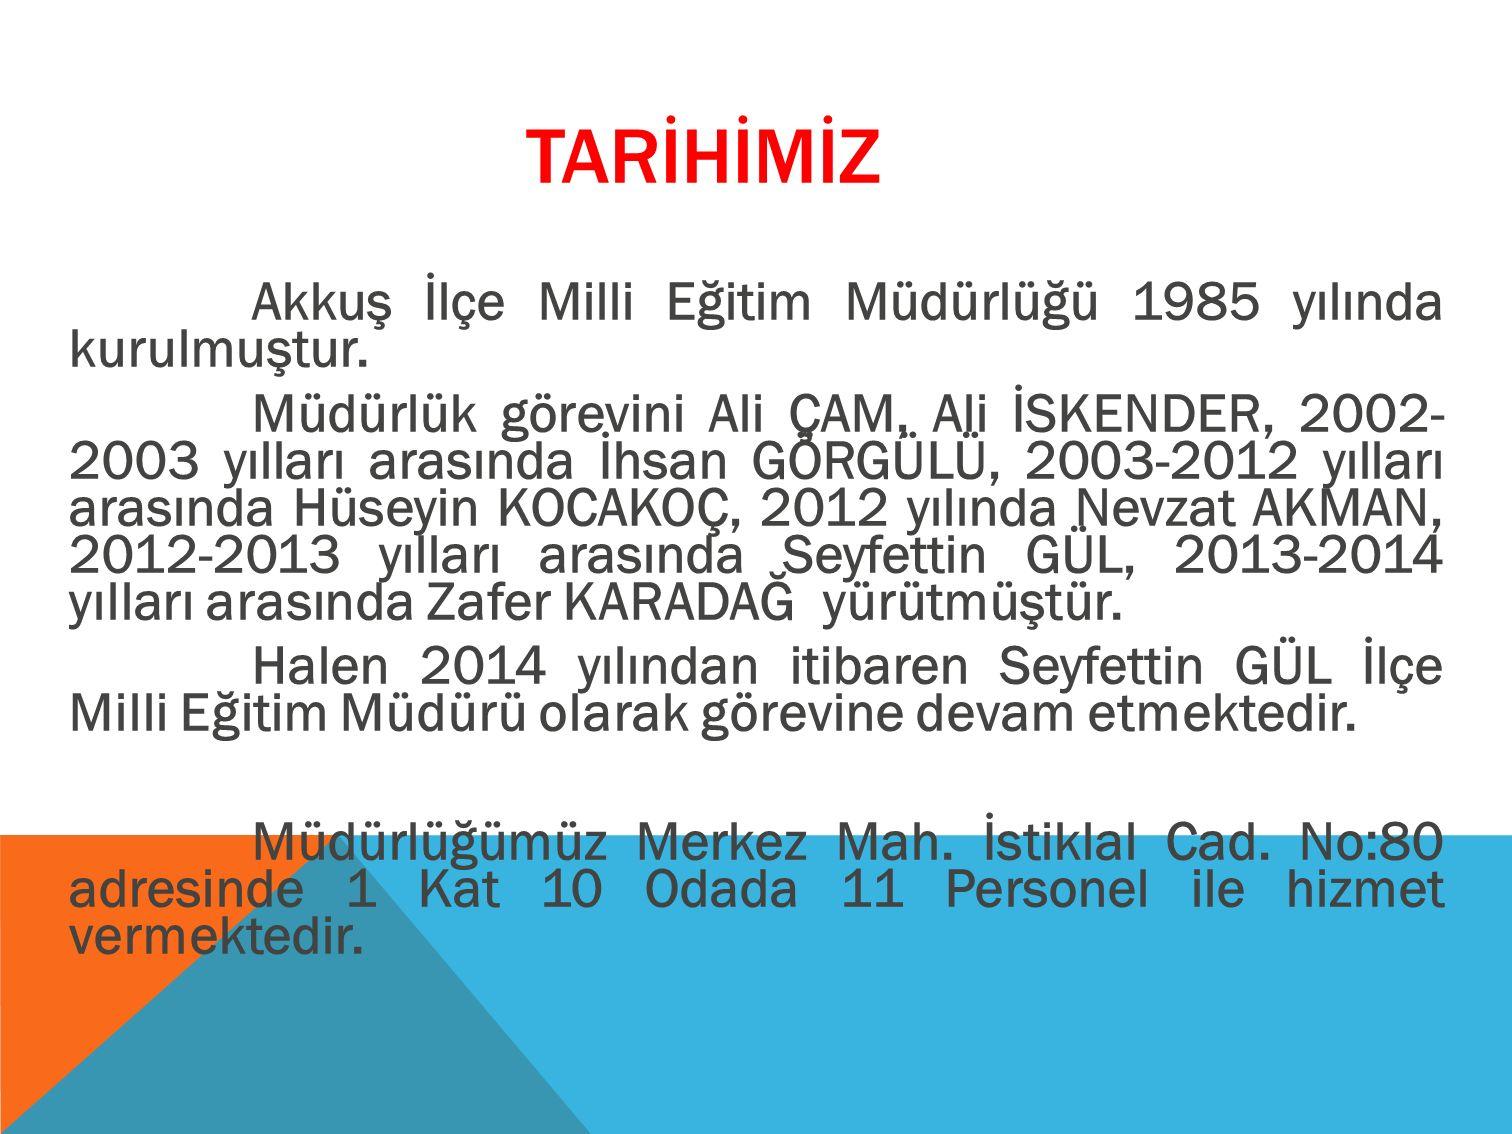 TARİHİMİZ Akkuş İlçe Milli Eğitim Müdürlüğü 1985 yılında kurulmuştur.